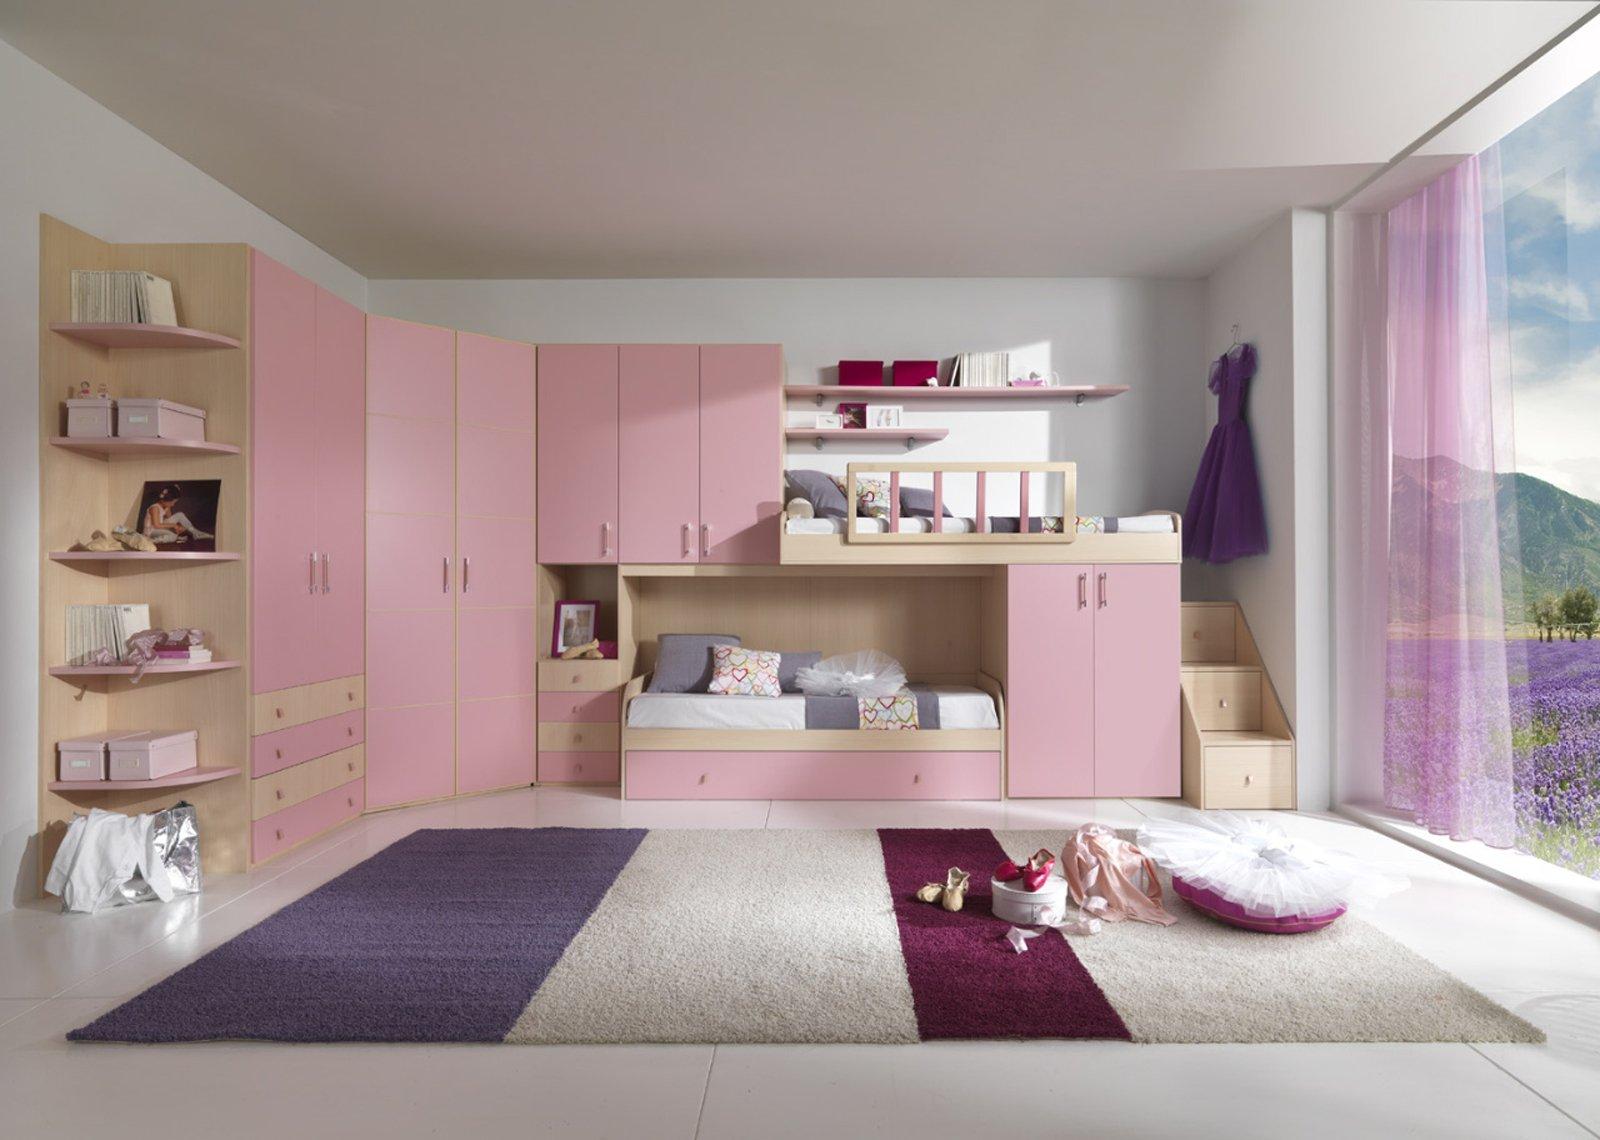 Camerette funzionalit a misura di bambino cose di casa for Piccole planimetrie della casa con 3 camere da letto